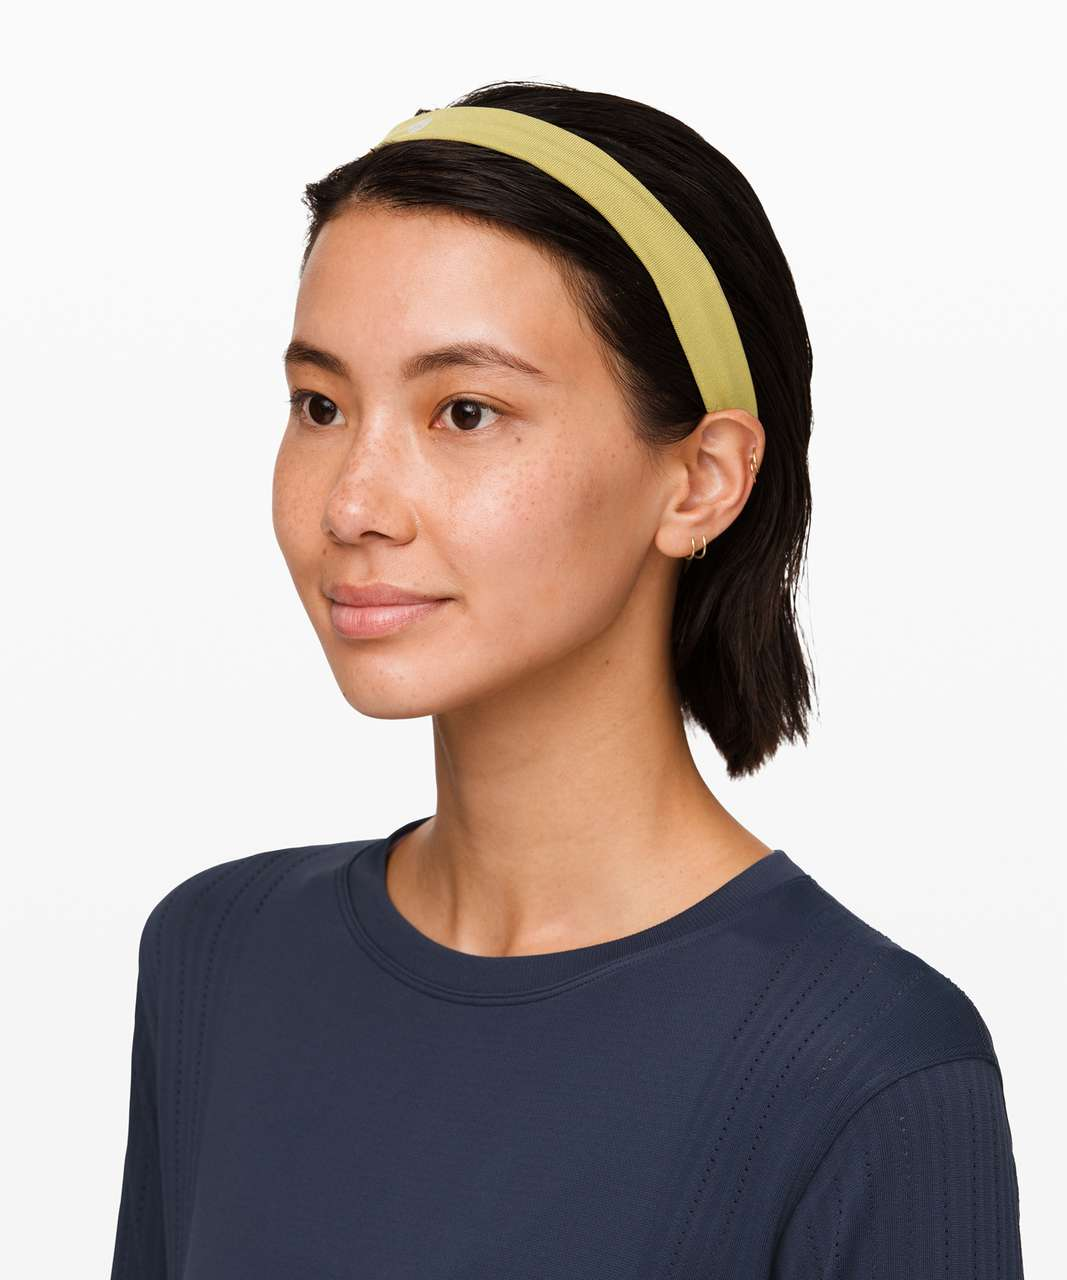 Lululemon Cardio Cross Trainer Headband - Highlander / Grape Leaf